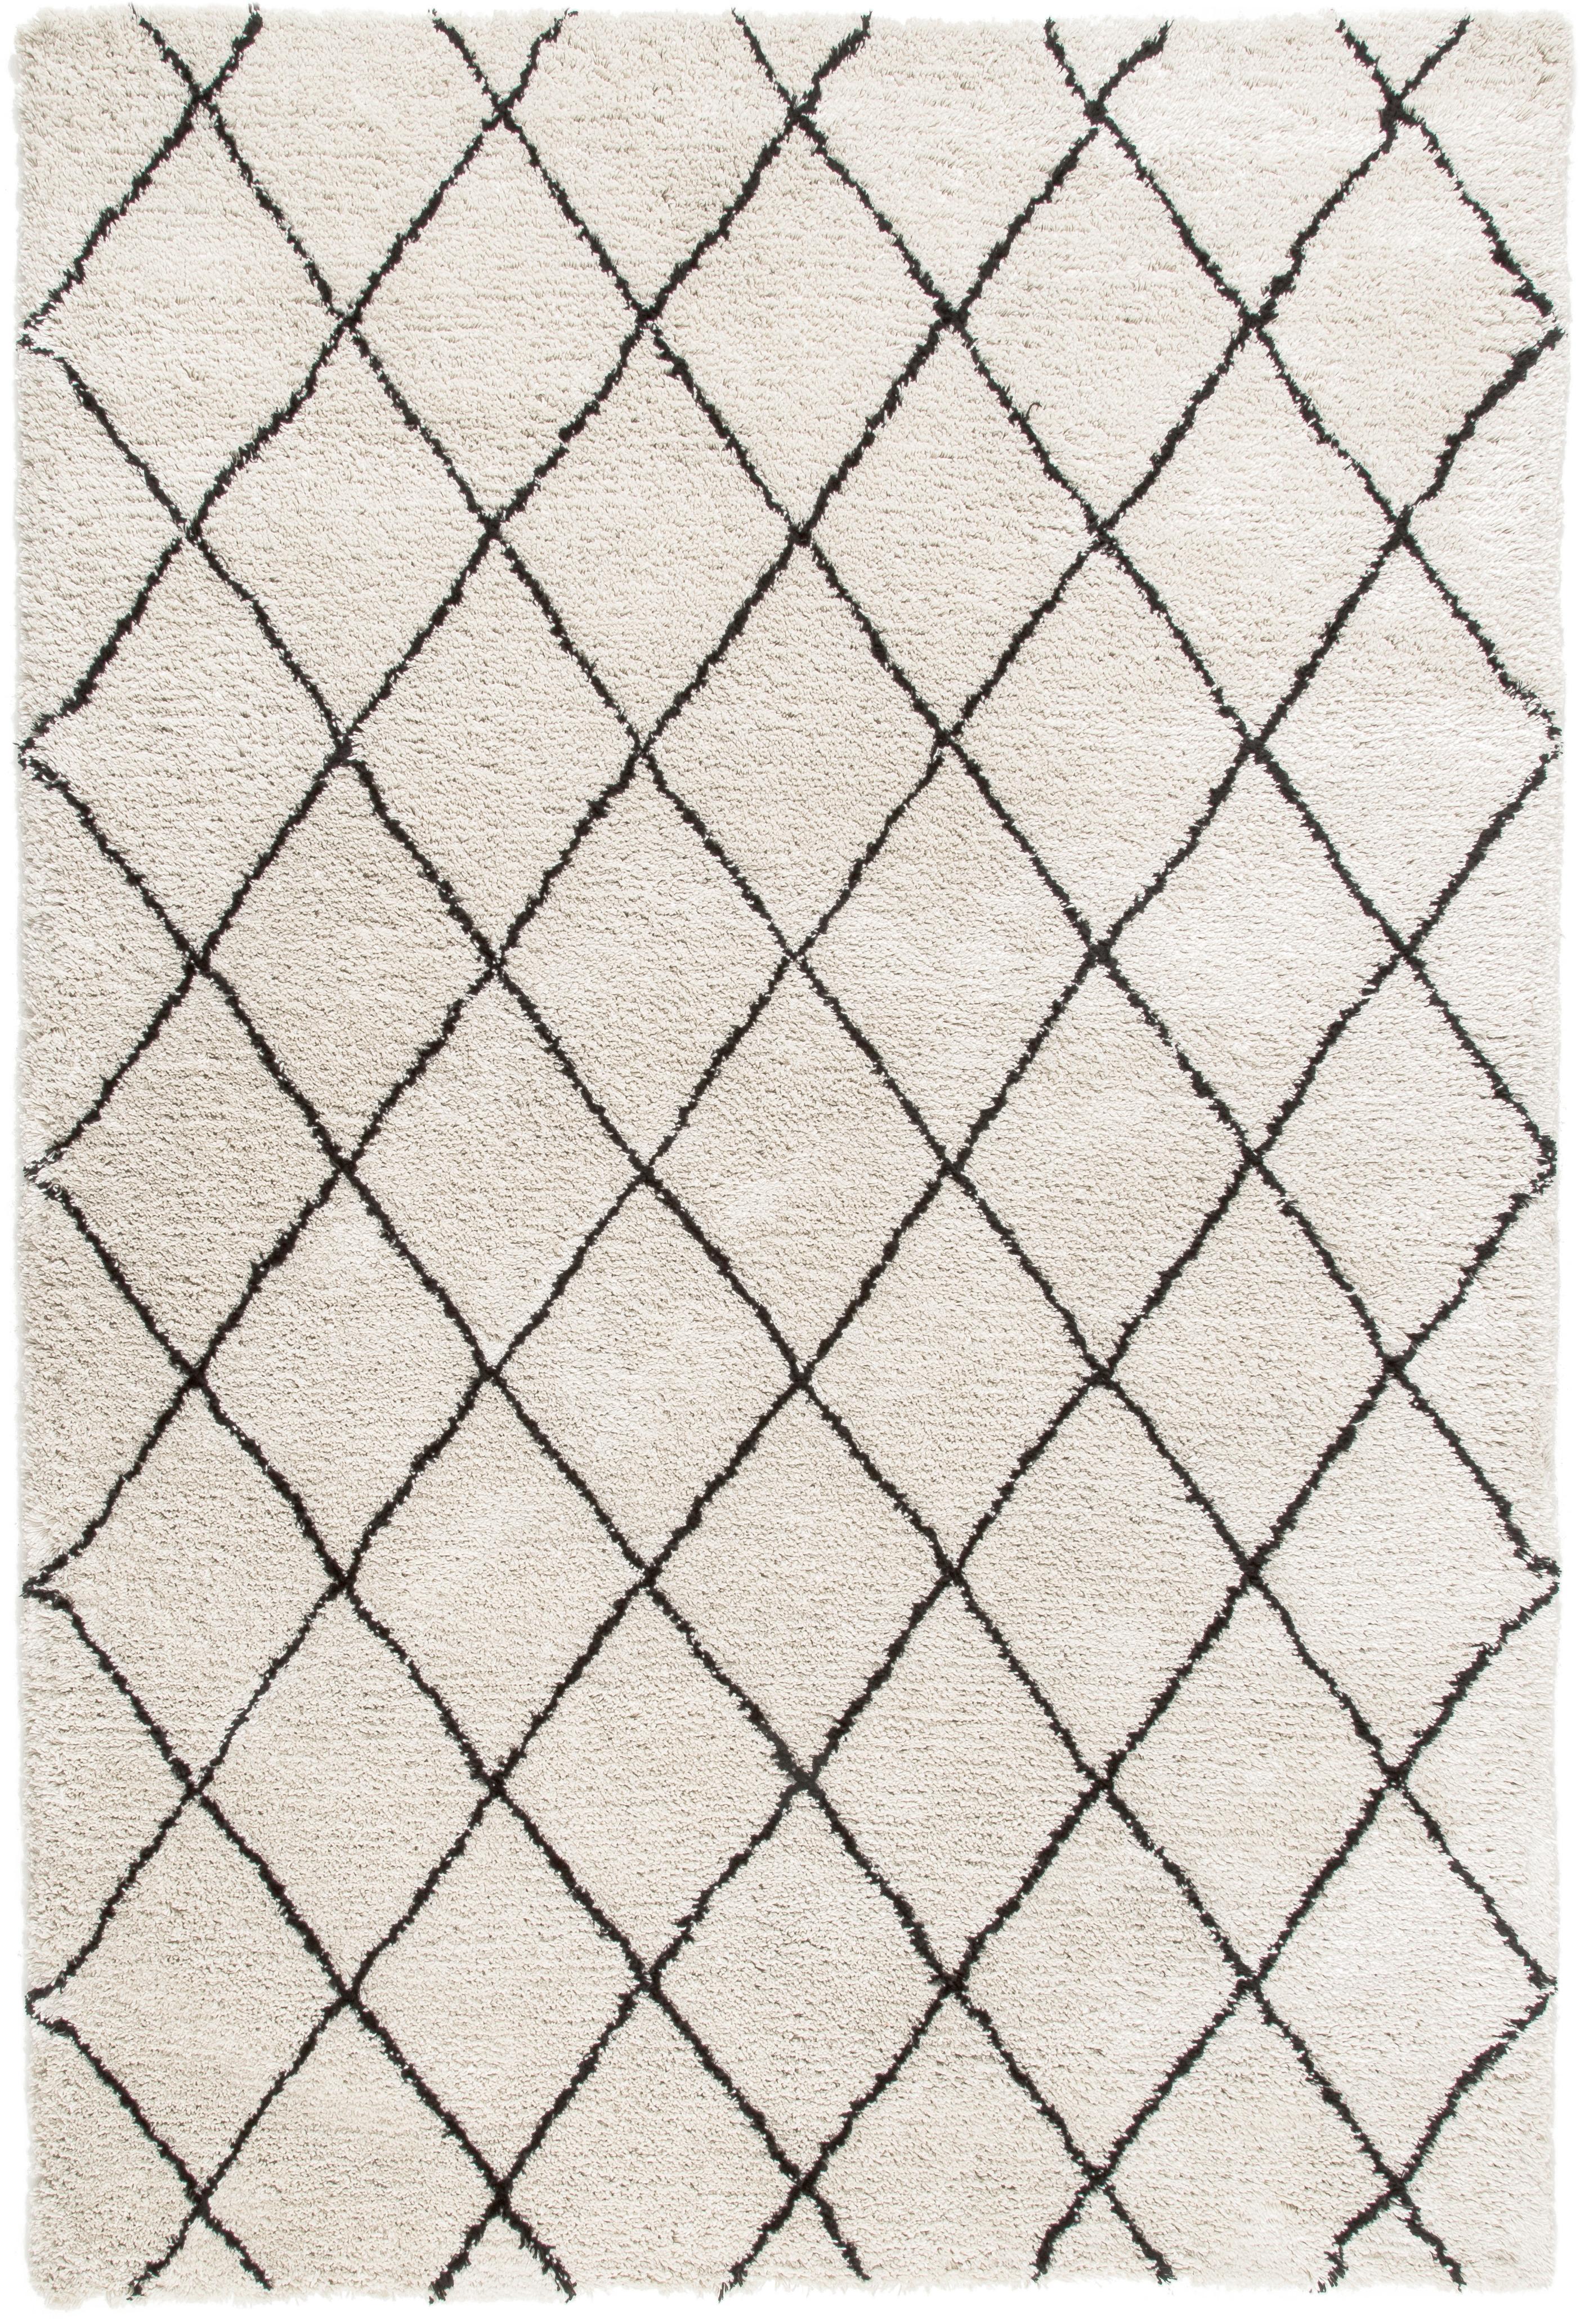 Flauschiger Hochflor-Teppich Naima, handgetuftet, Flor: 100% Polyester, Beige, Schwarz, B 200 x L 300 cm (Grösse L)